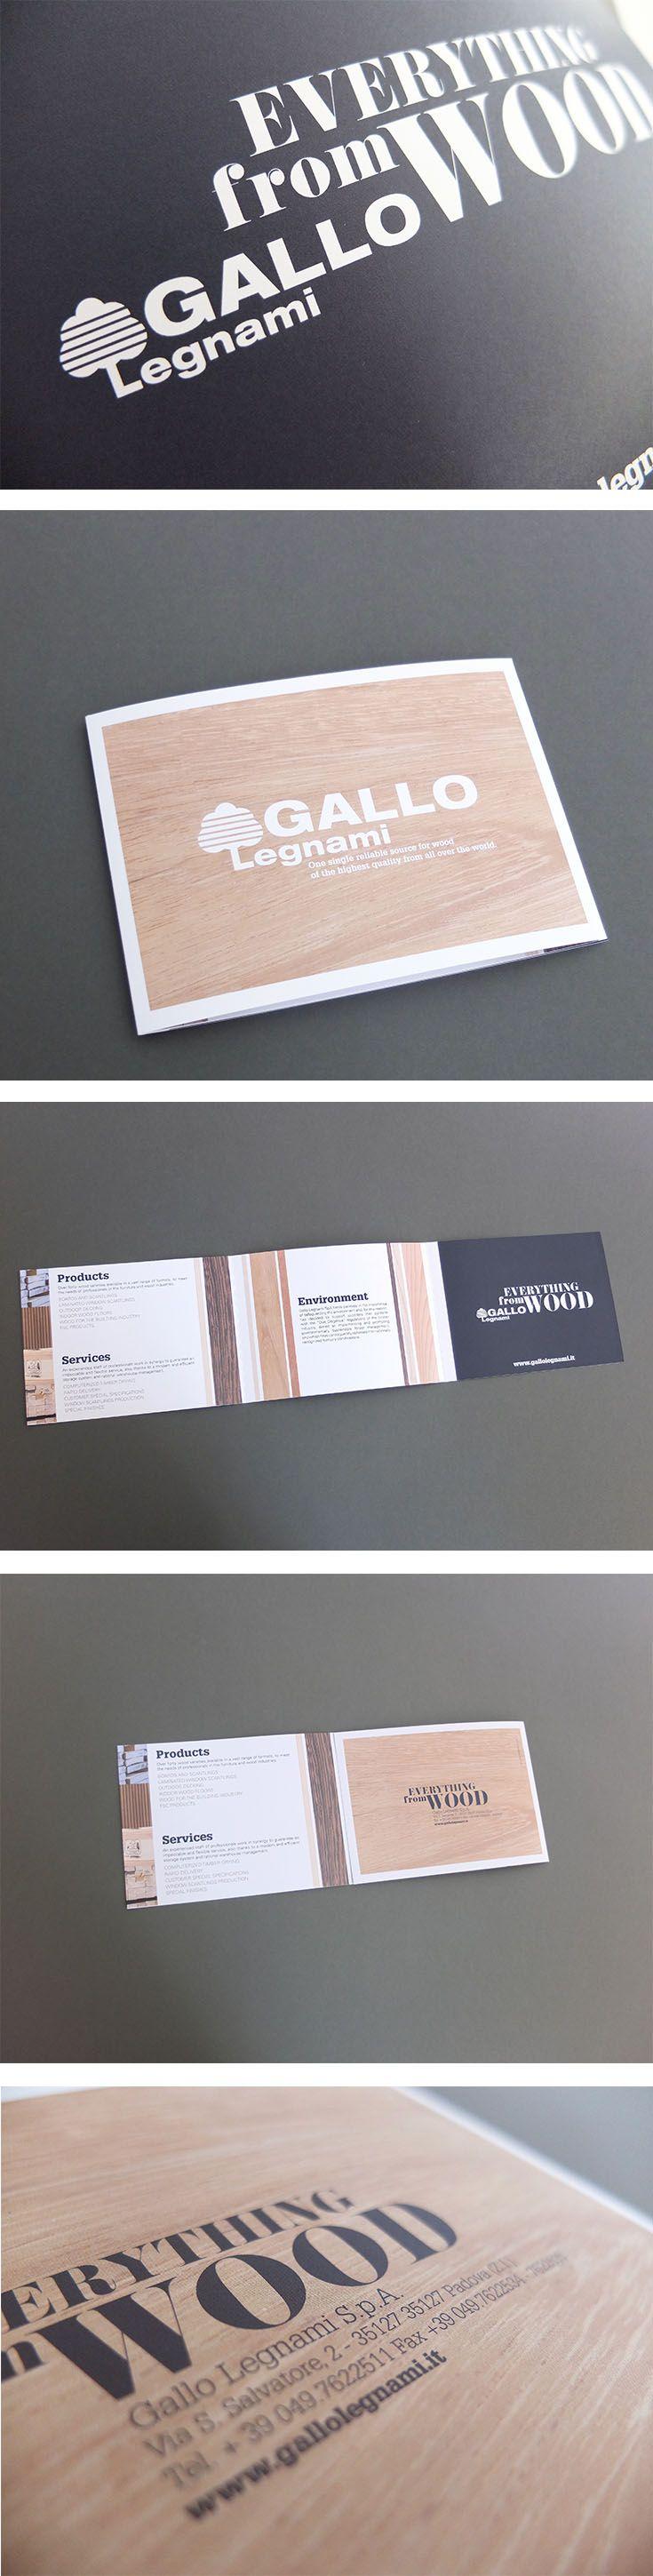 Pieghevole Gallo Legnami, un progetto #effADV - Gallo Legnami #printing, effADV project - #wood #leaflet #brochure